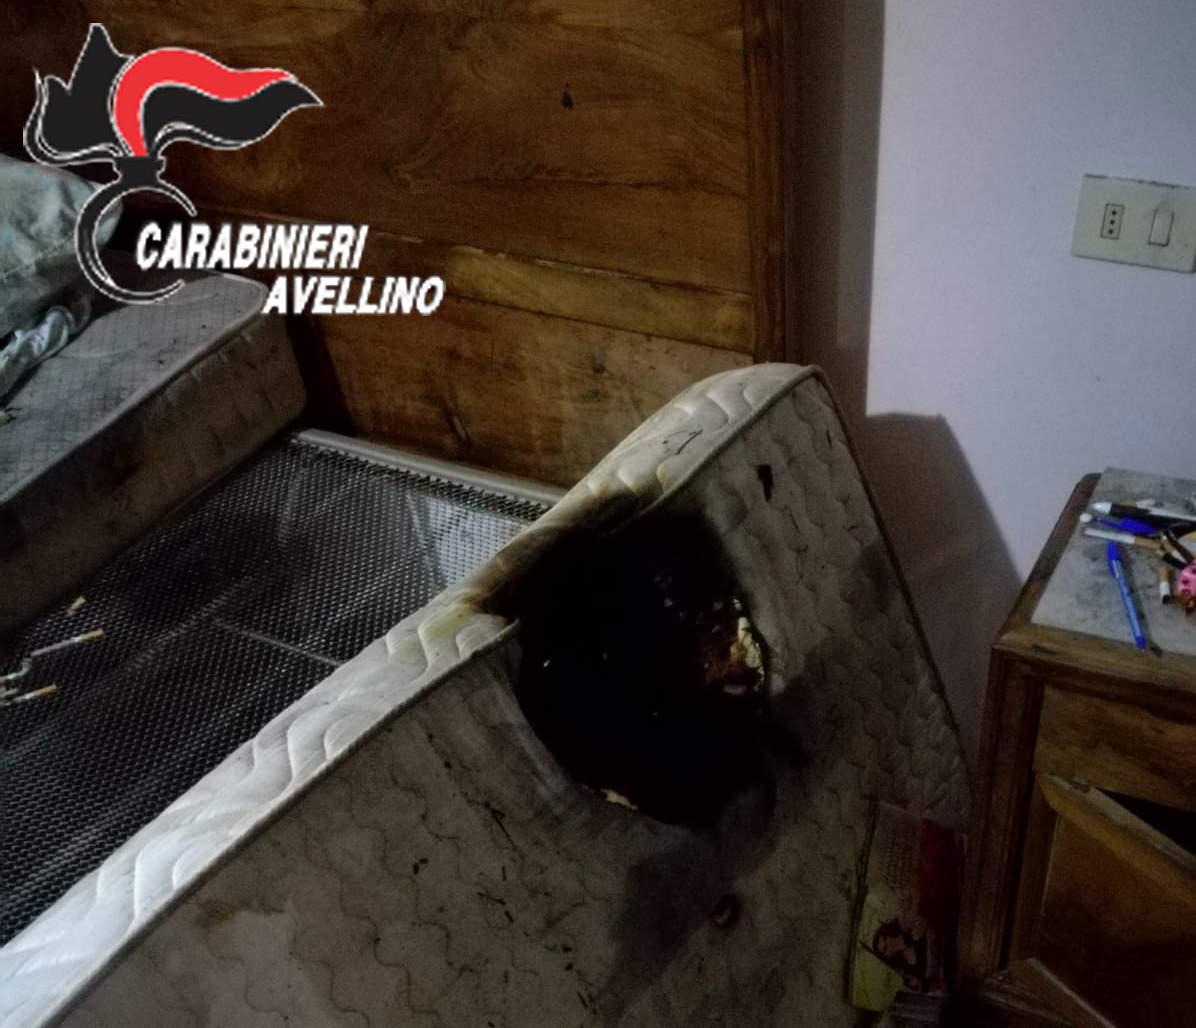 S.Andrea di Conza| Mozzicone di sigaretta incendia il letto, anziana salvata in extremis